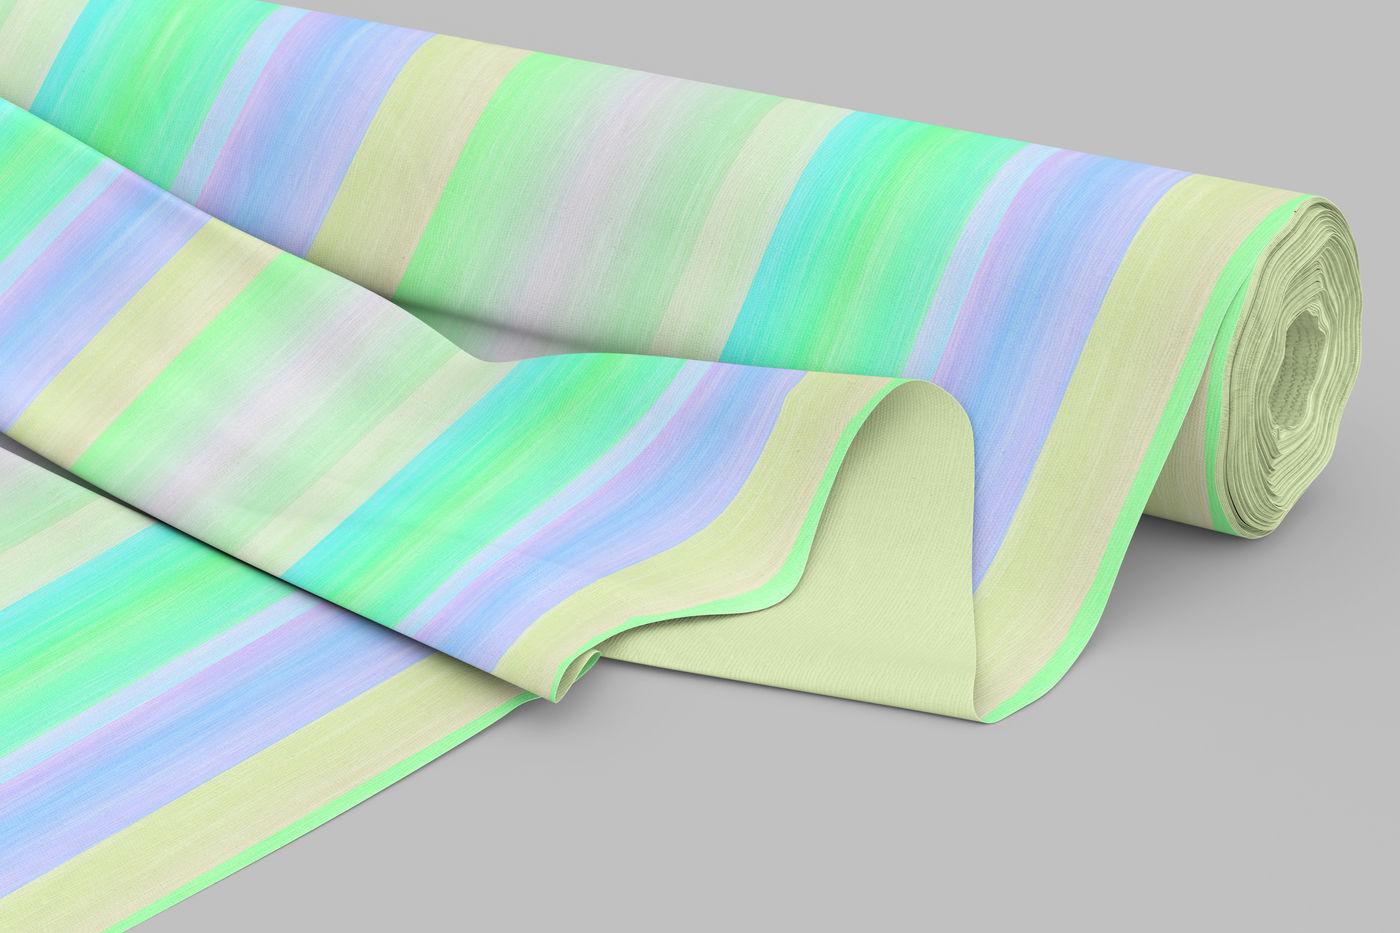 10 Scrapbook Sherbert Background Textures By Textures Overlays 1400x933